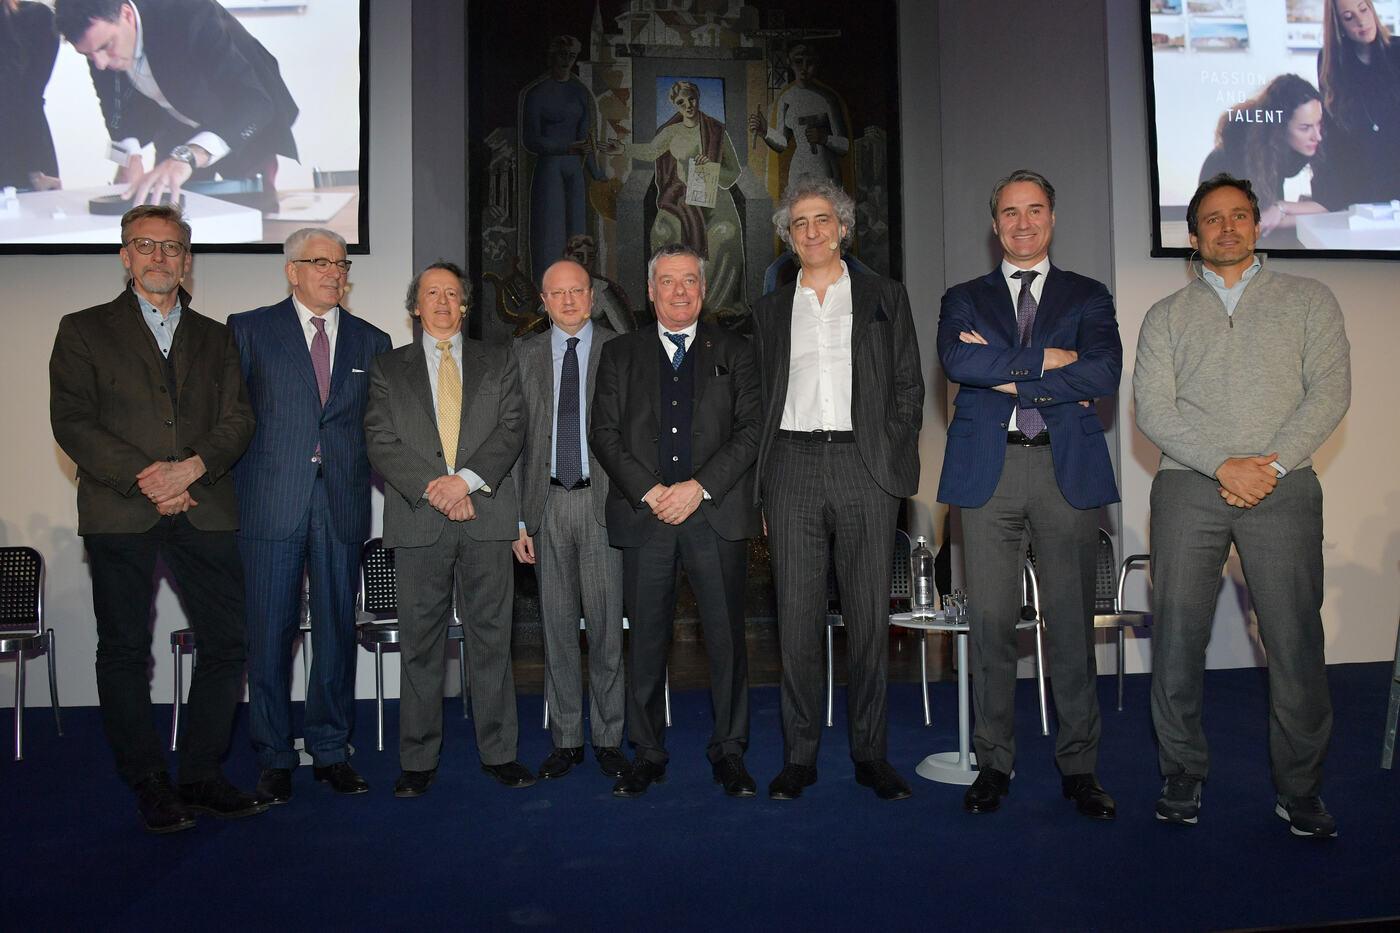 Pininfarina festeggia 90 anni di eccellenza italiana con un evento a Triennale Milano